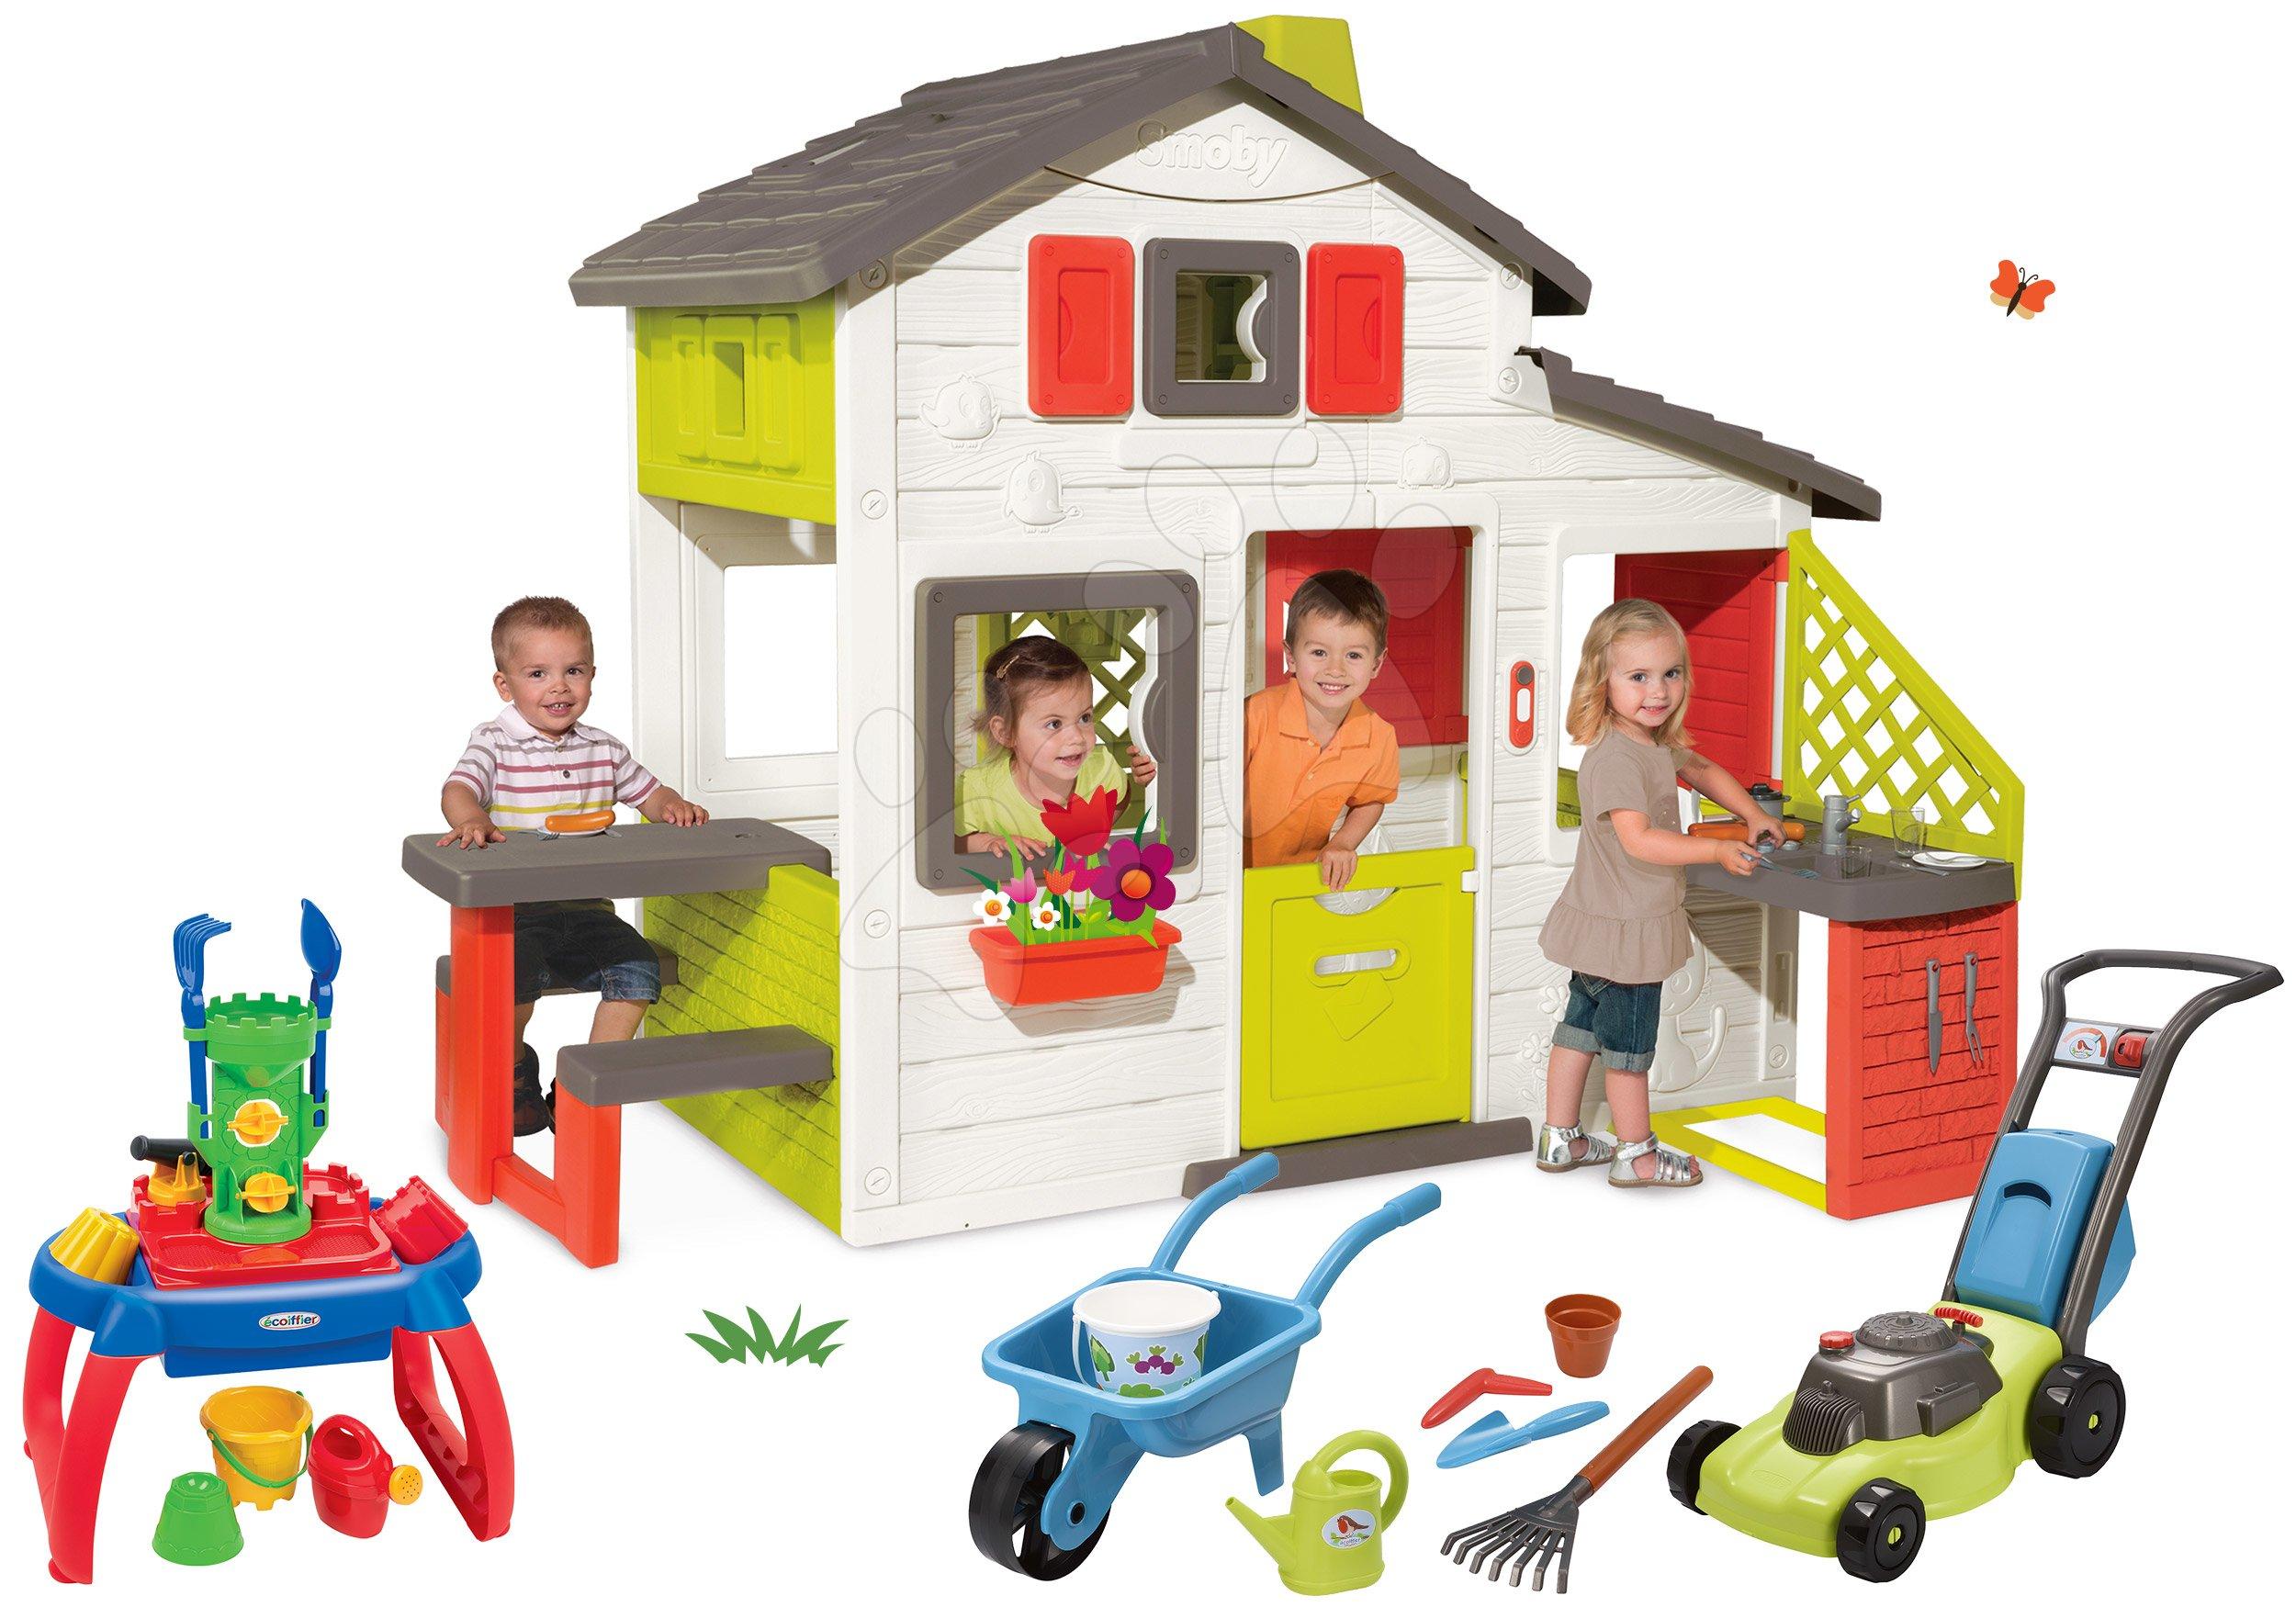 Domčeky s náradím - Set domček Priateľov Smoby s kuchynkou a zvončekom fúrik set s kosačkou a pieskovisko stolík